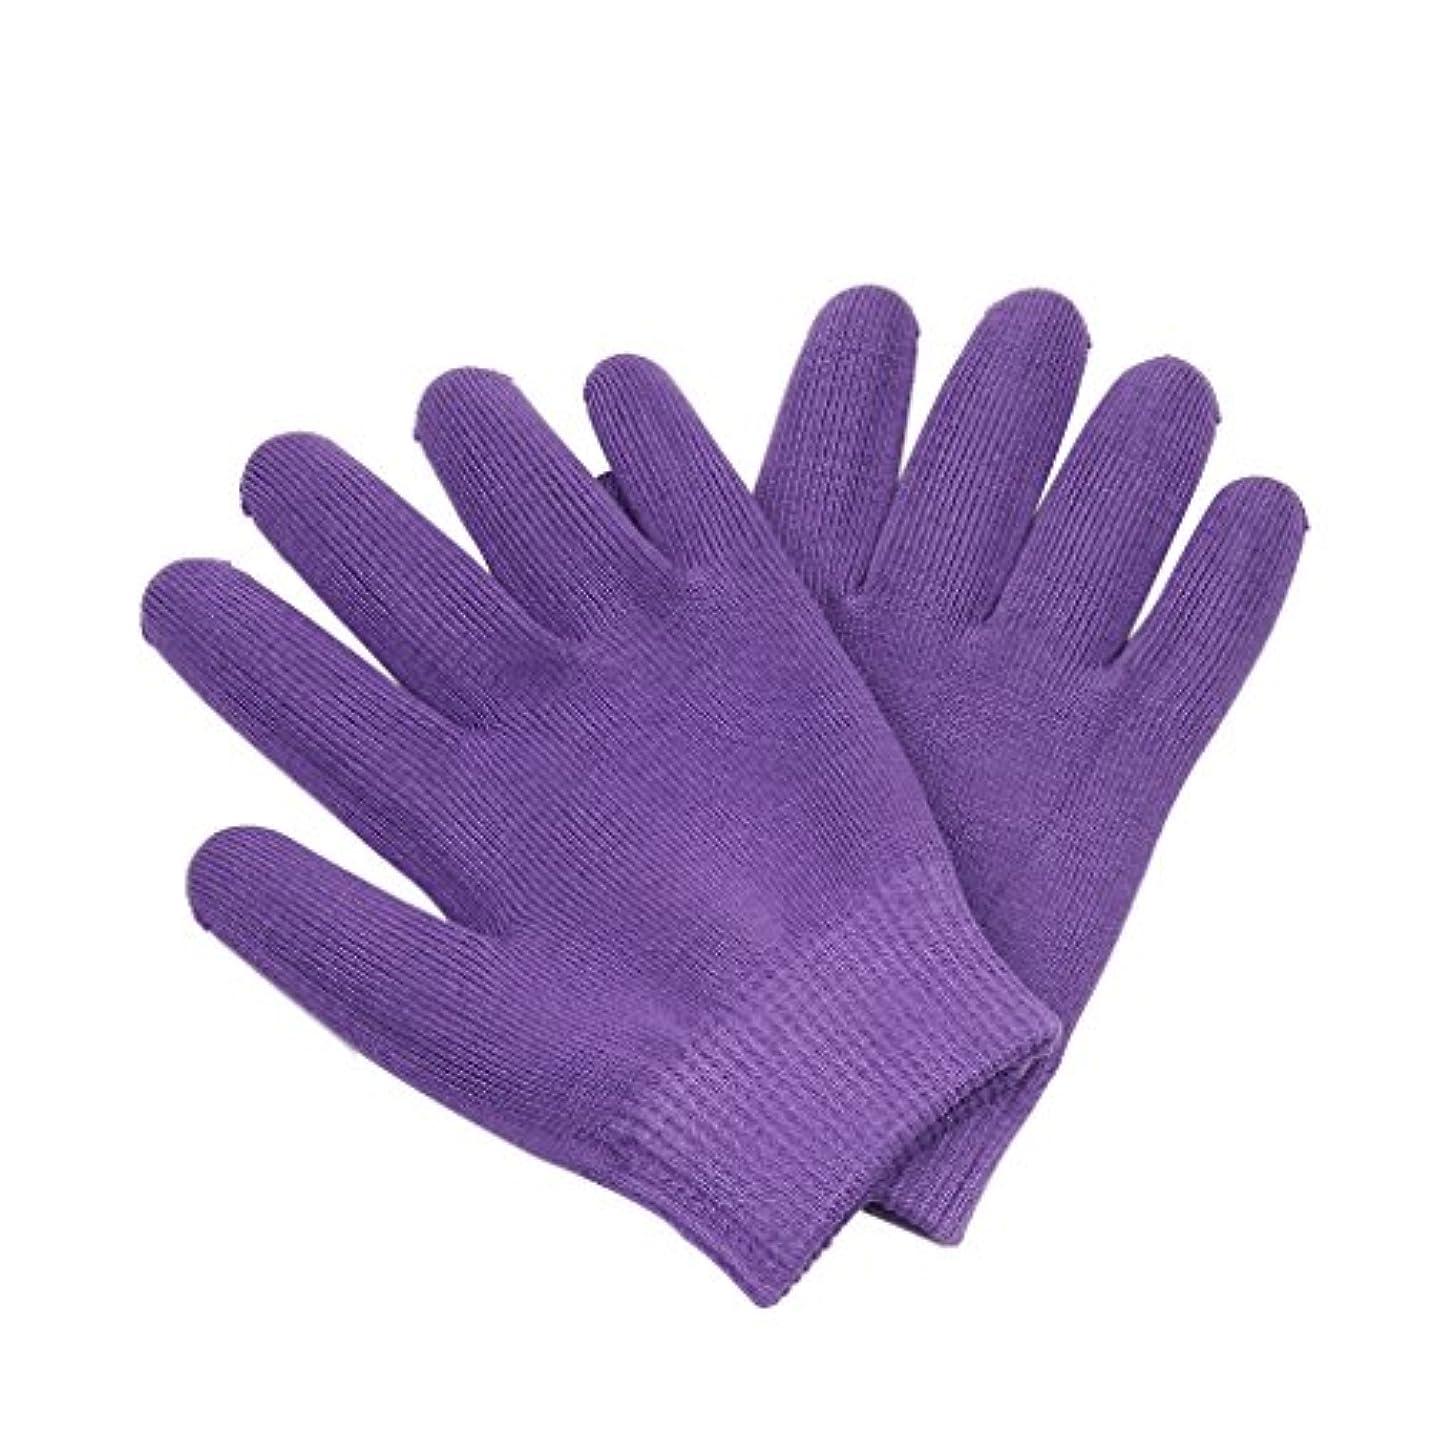 メガロポリス甘くする重くするLovoski 保湿手袋 おやすみ手袋 手袋 手湿疹 乾燥防止 手荒れ 保湿 スキンケア  メンズ レディース 全3色選べ - 紫